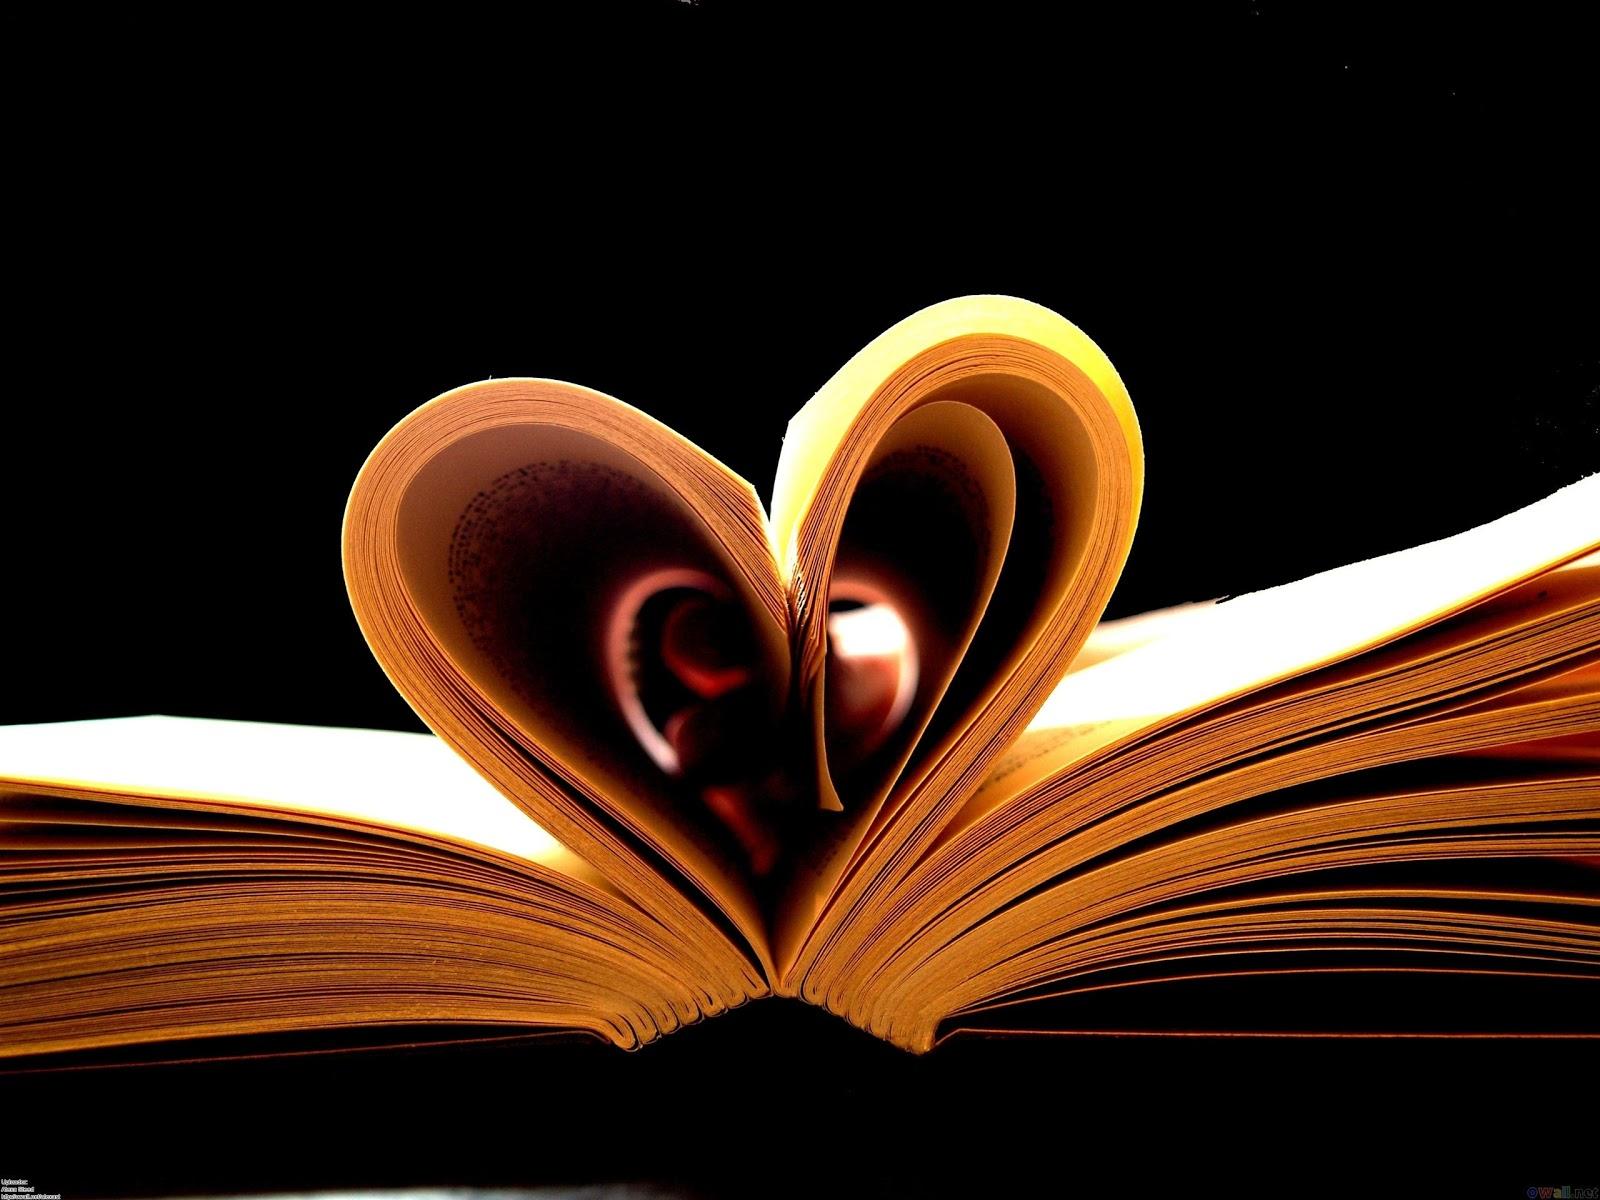 http://1.bp.blogspot.com/-SGzTM7Gekos/UJuPY-lp-rI/AAAAAAAAF74/PYXAkcFyDqA/s1600/Love+Book+HD+Wallpaper.jpg